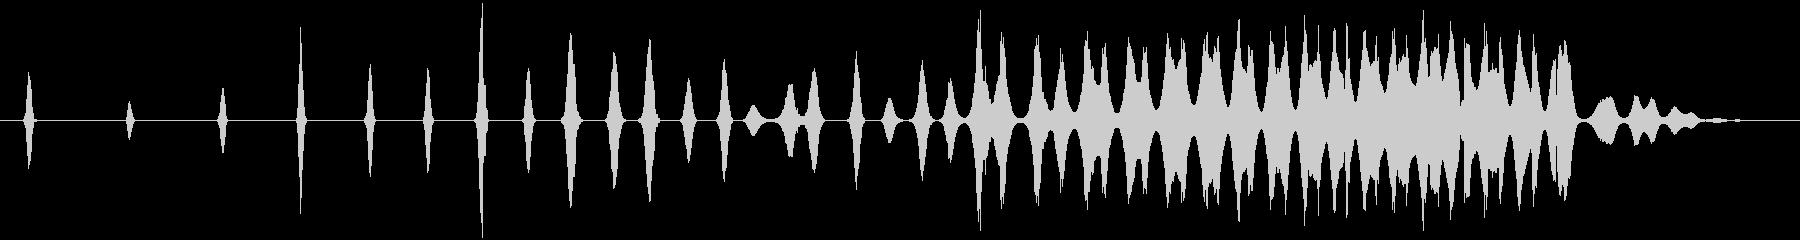 レトロなスワイプ、スペースシューッ...の未再生の波形